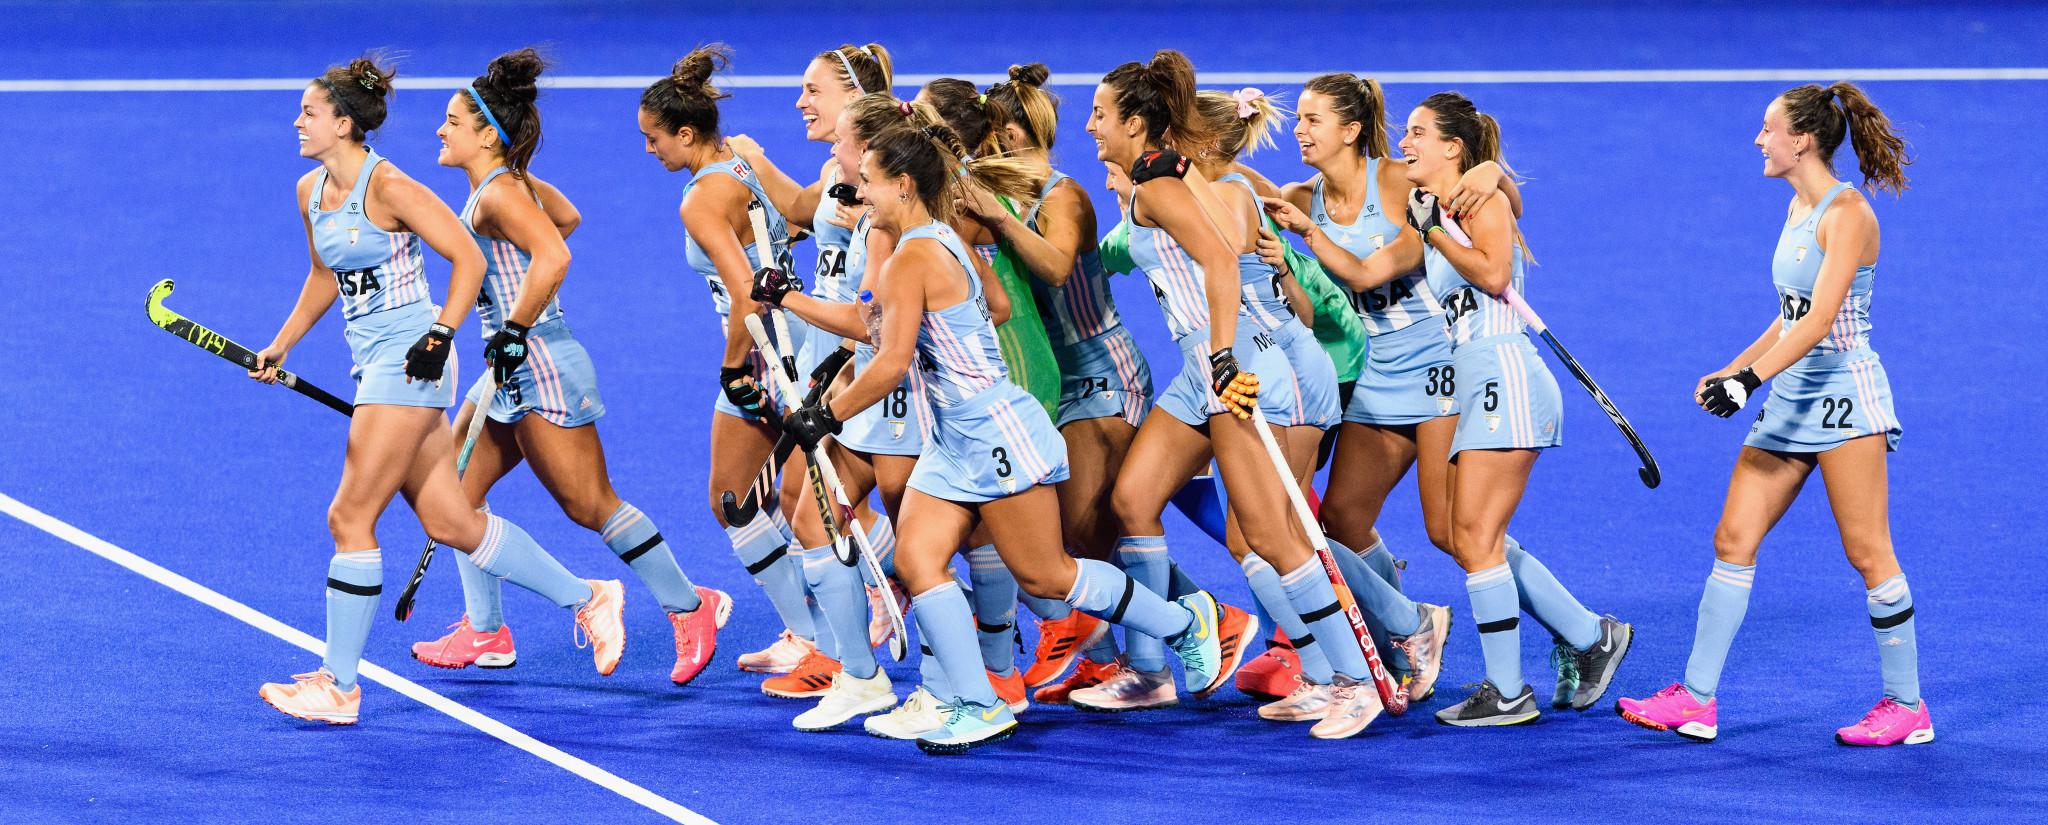 Argentina espera mantener sus sólidos resultados en el evento femenino © Getty Images